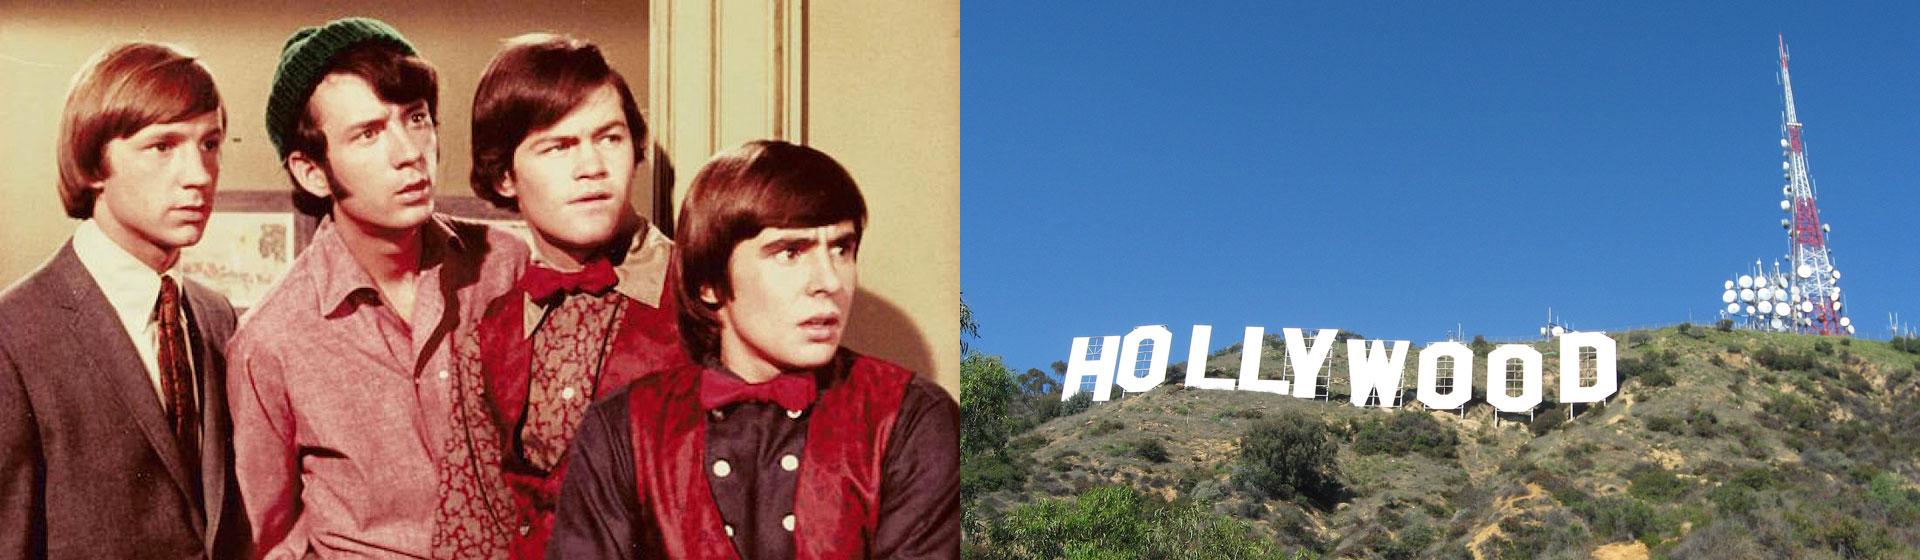 Bildkollage med The Monkees och Hollywood-skylt.